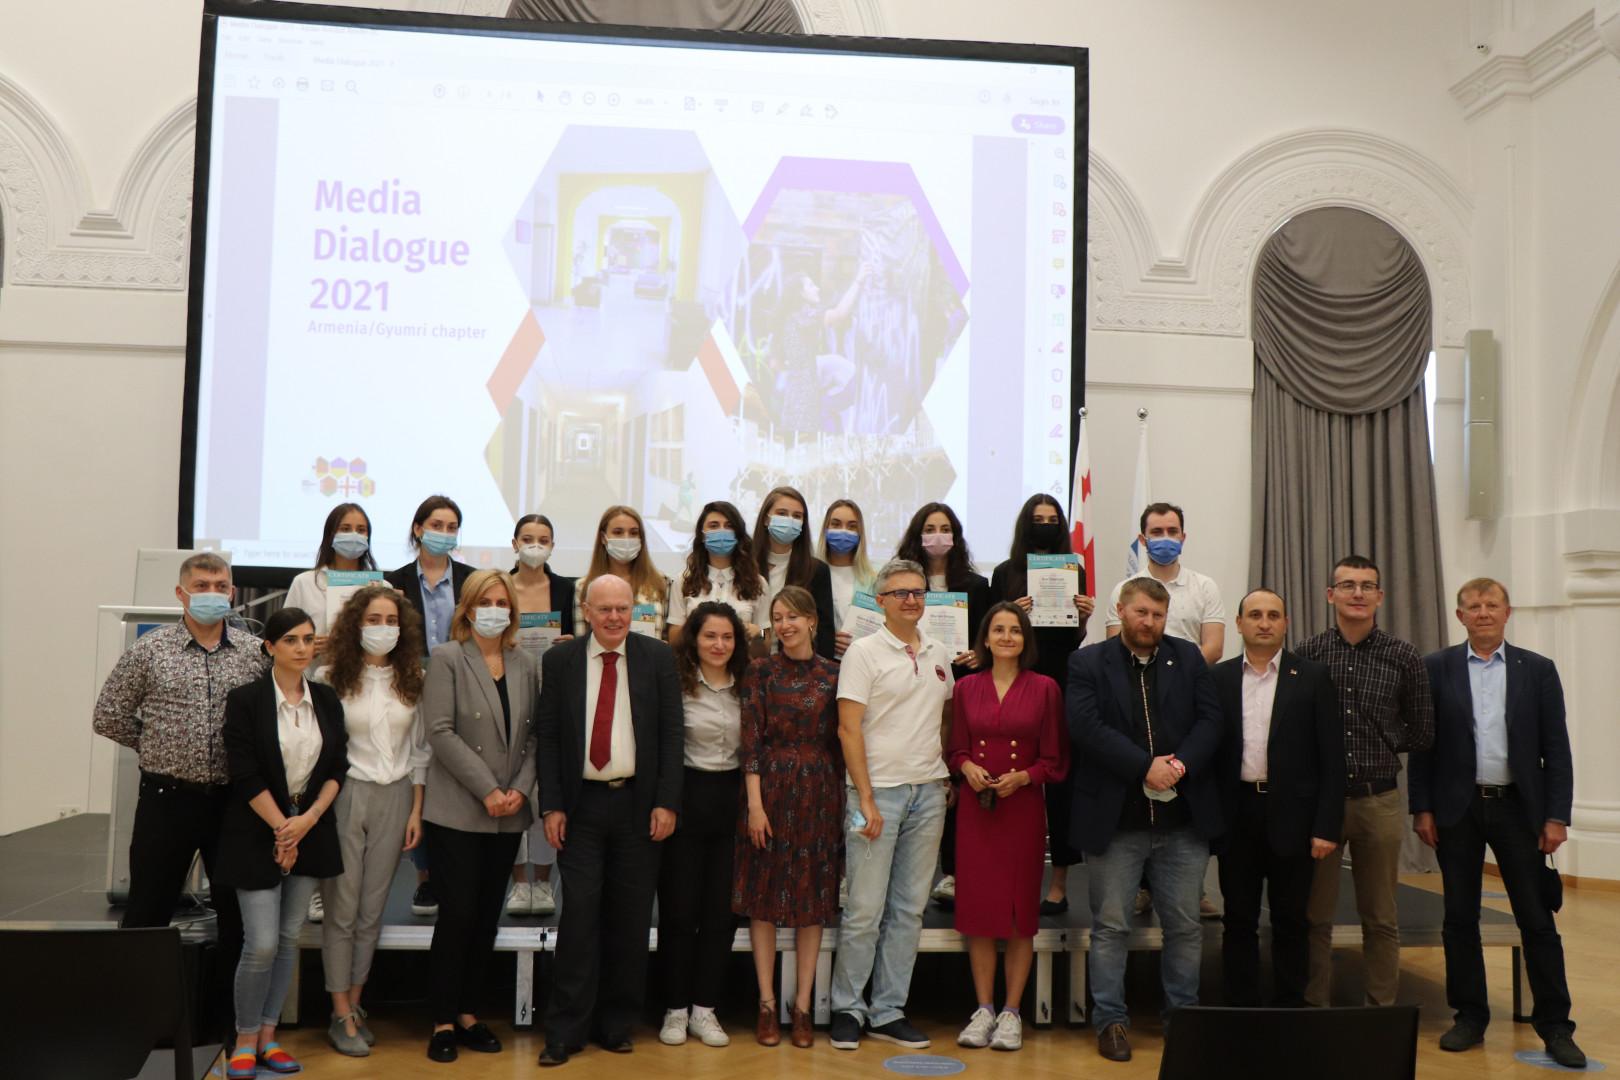 სამუშაო შეხვედრები და კონფერენცია - Media Dialogue 2021 for Conflict Sensitivity and Research